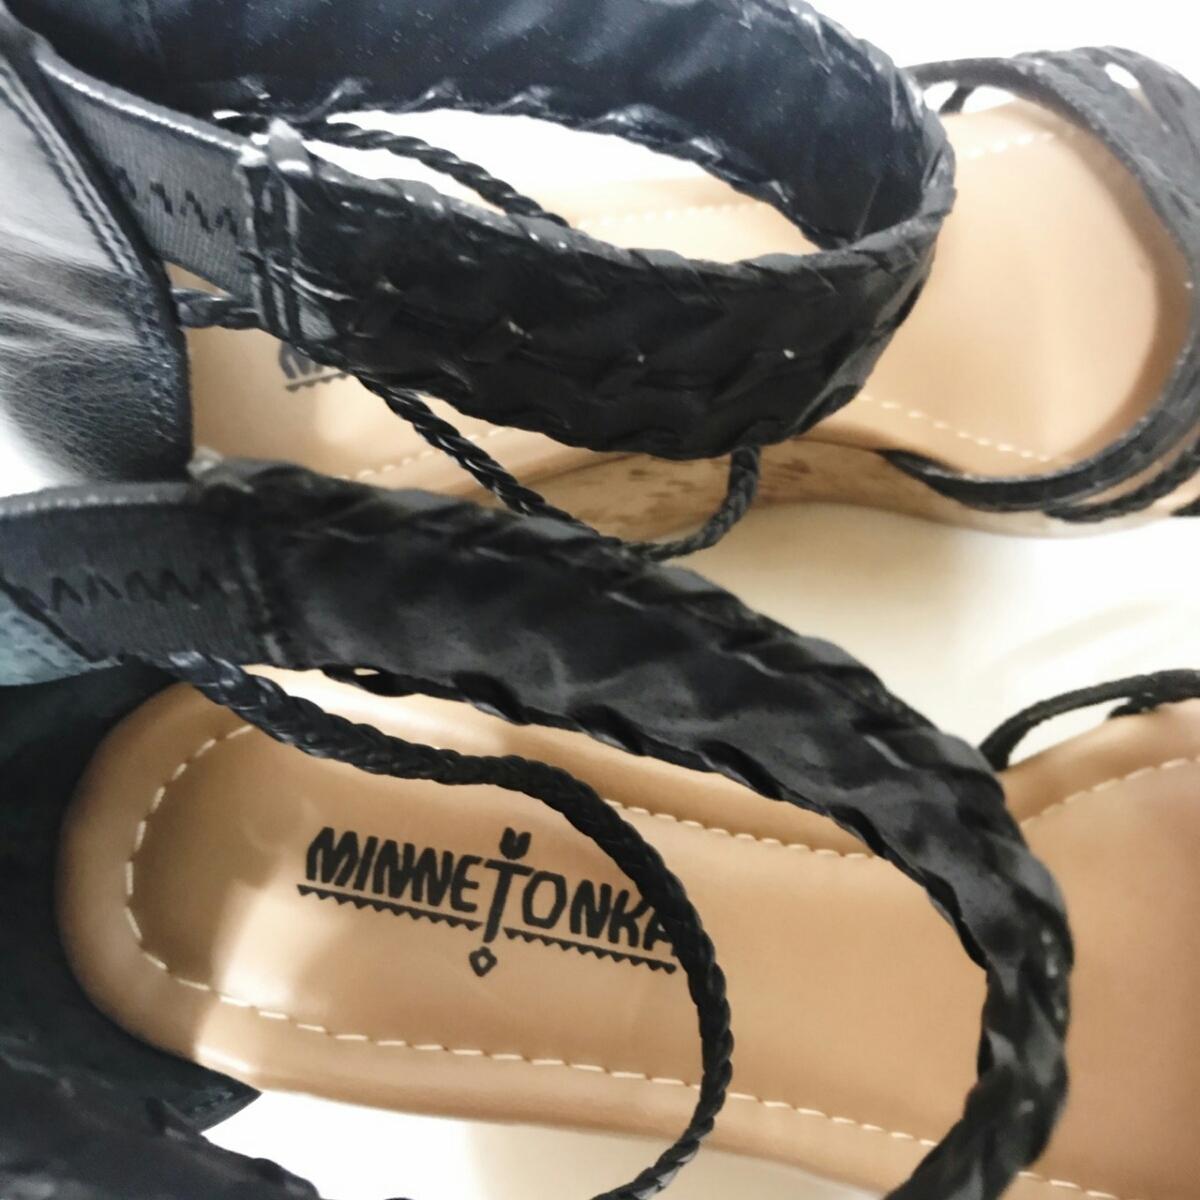 MINNE TONKA 23.5cmぐらい 3E レディース サンダル パンプス ブラック 黒 ミネトンカ 婦人 靴 くつ 中古 g001_画像7